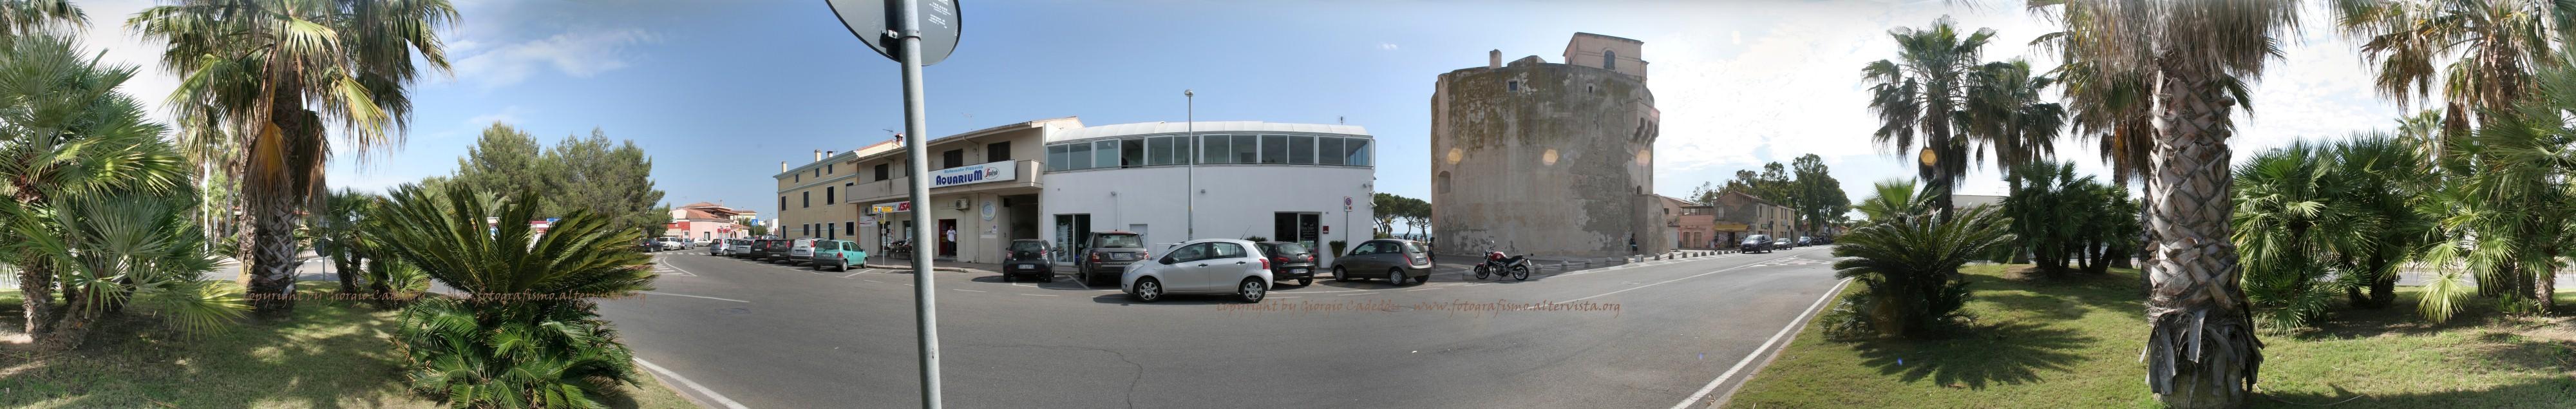 2013-06-08 - Panoramica Torregrande- La torre - Panorama-copyr copia (Custom)